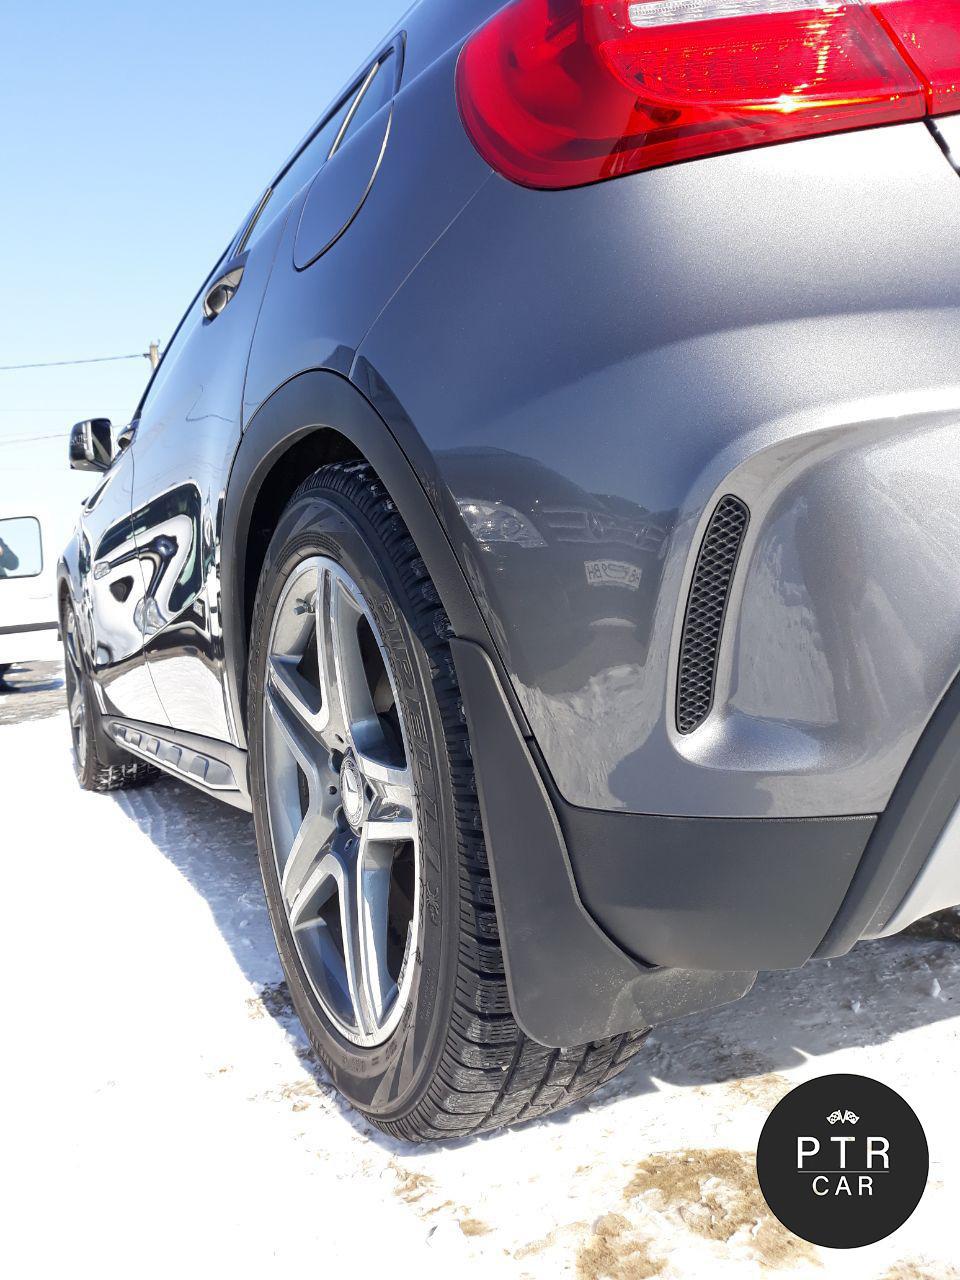 Брызговики Ford Kuga 2016- (полный кт 4-шт), кт.